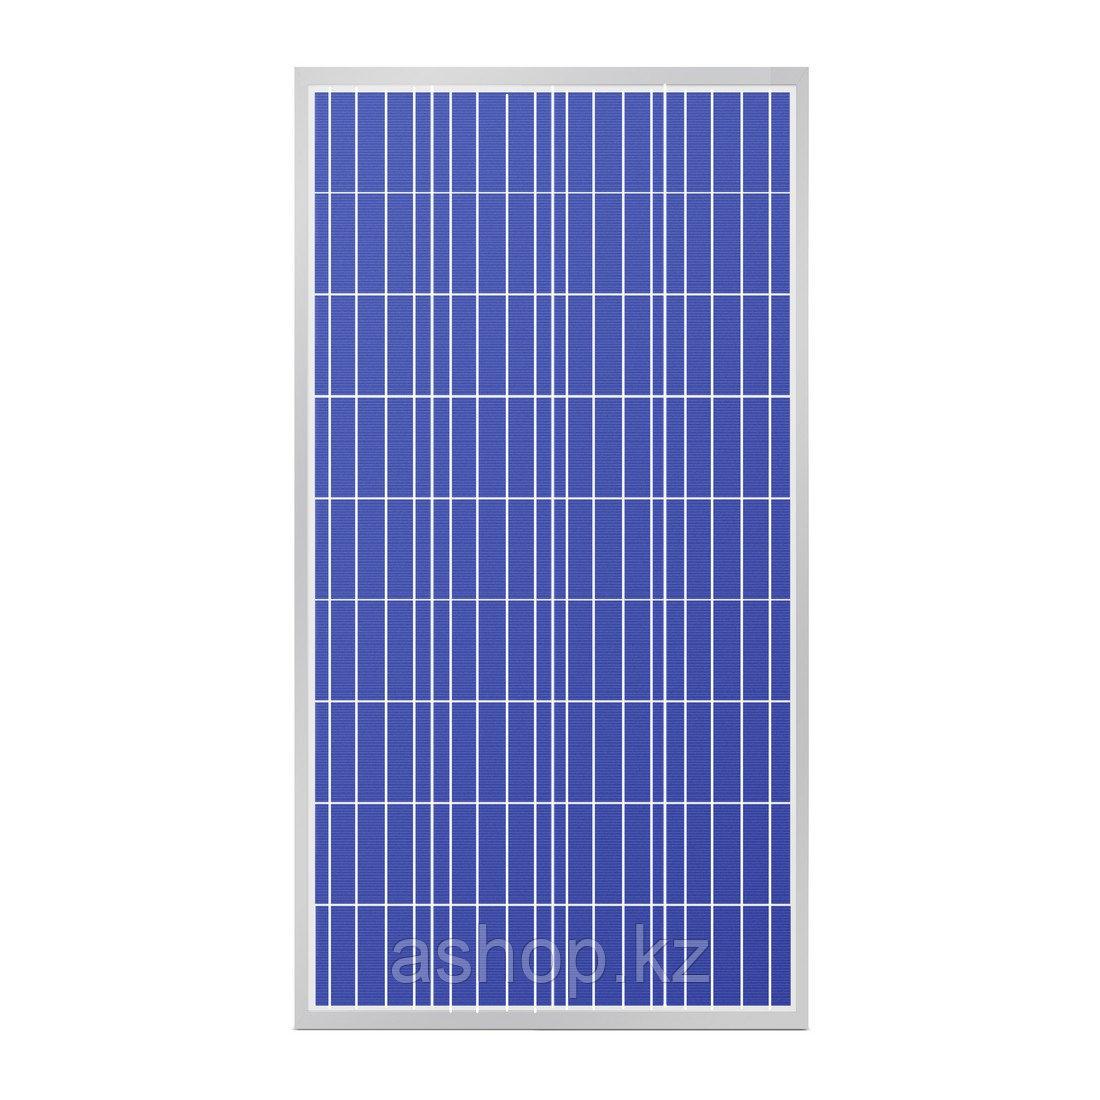 Солнечная панель поликристалическая SVC P-100, Мощность: 100 Вт, Напряжение: 12, Цвет: Синий, Упаковка: Коробк